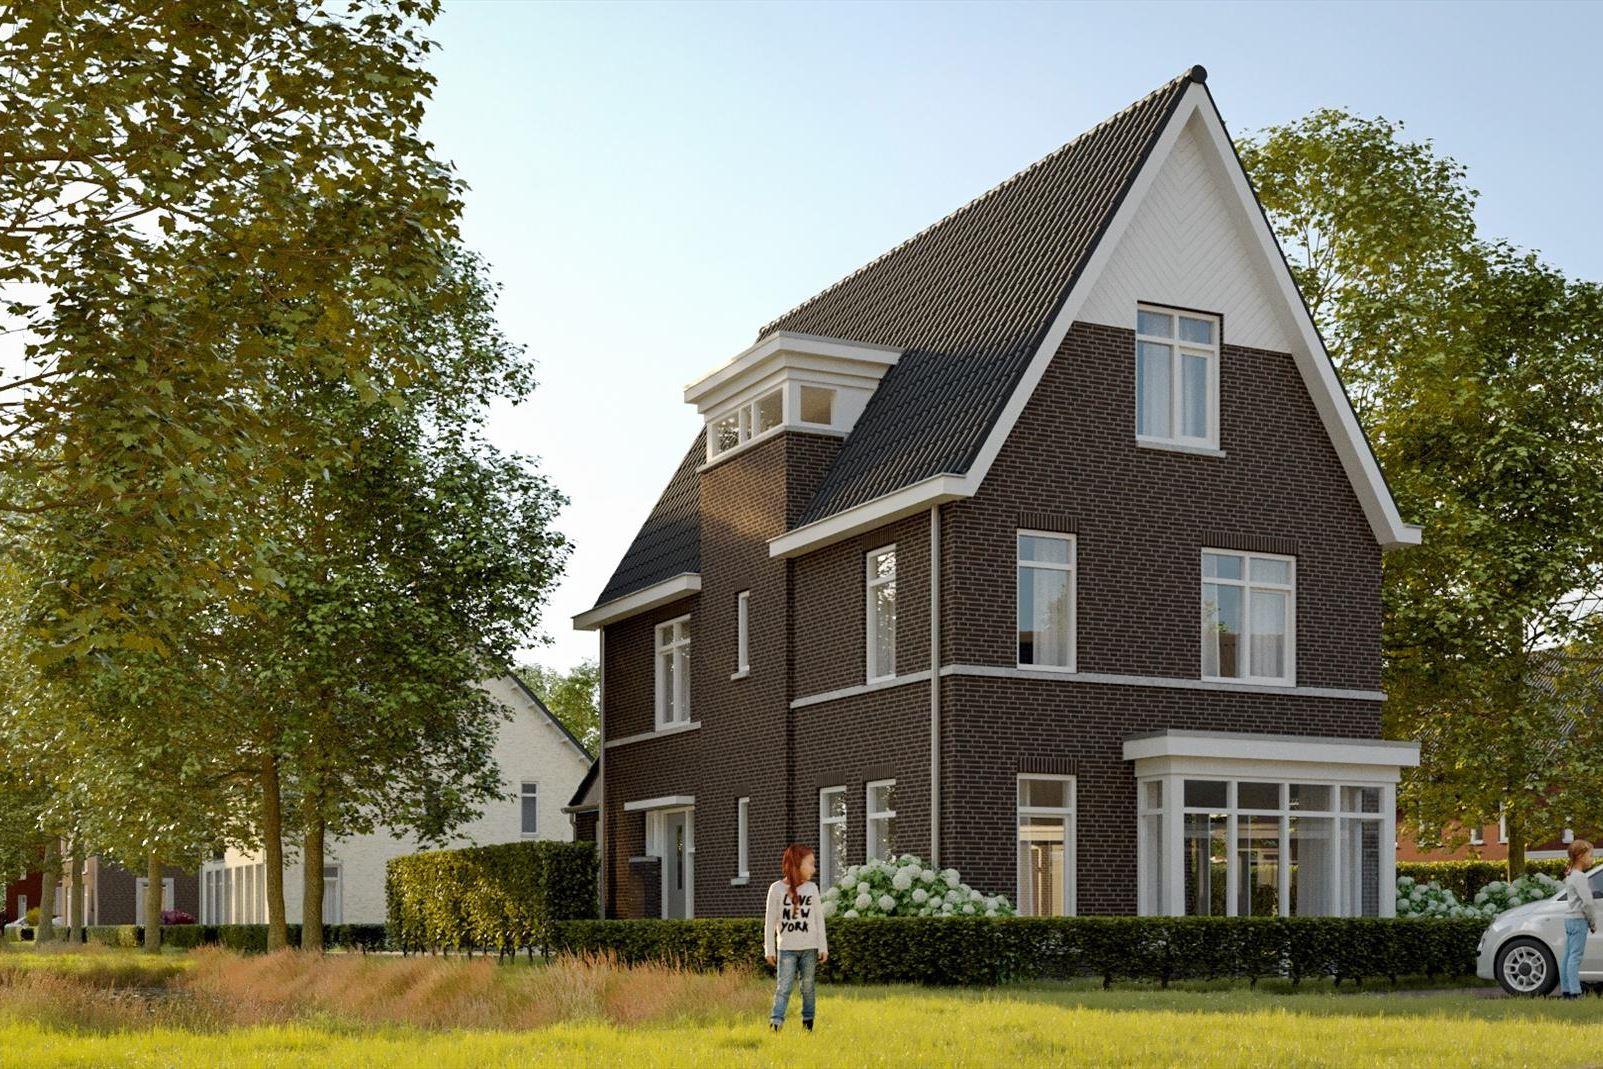 Budget Badkamer Nuenen : Verkocht: gerwenzo! bouwnummer 68 5674 xd nuenen [funda]